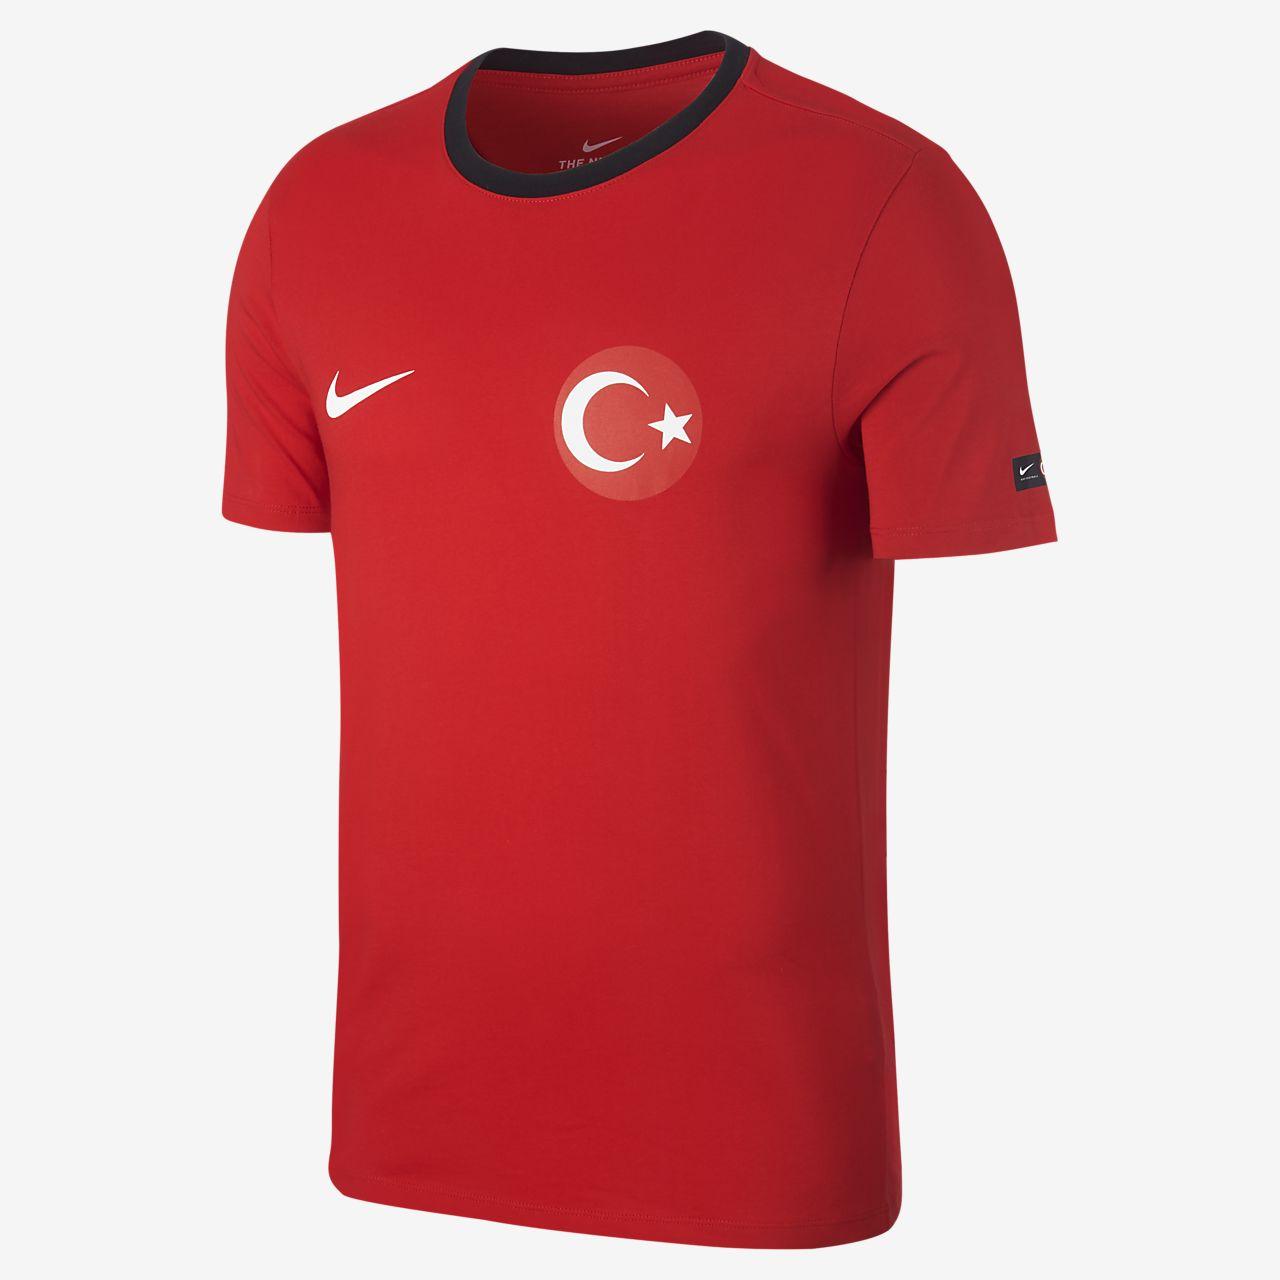 Turkey Crest Men's T-Shirt